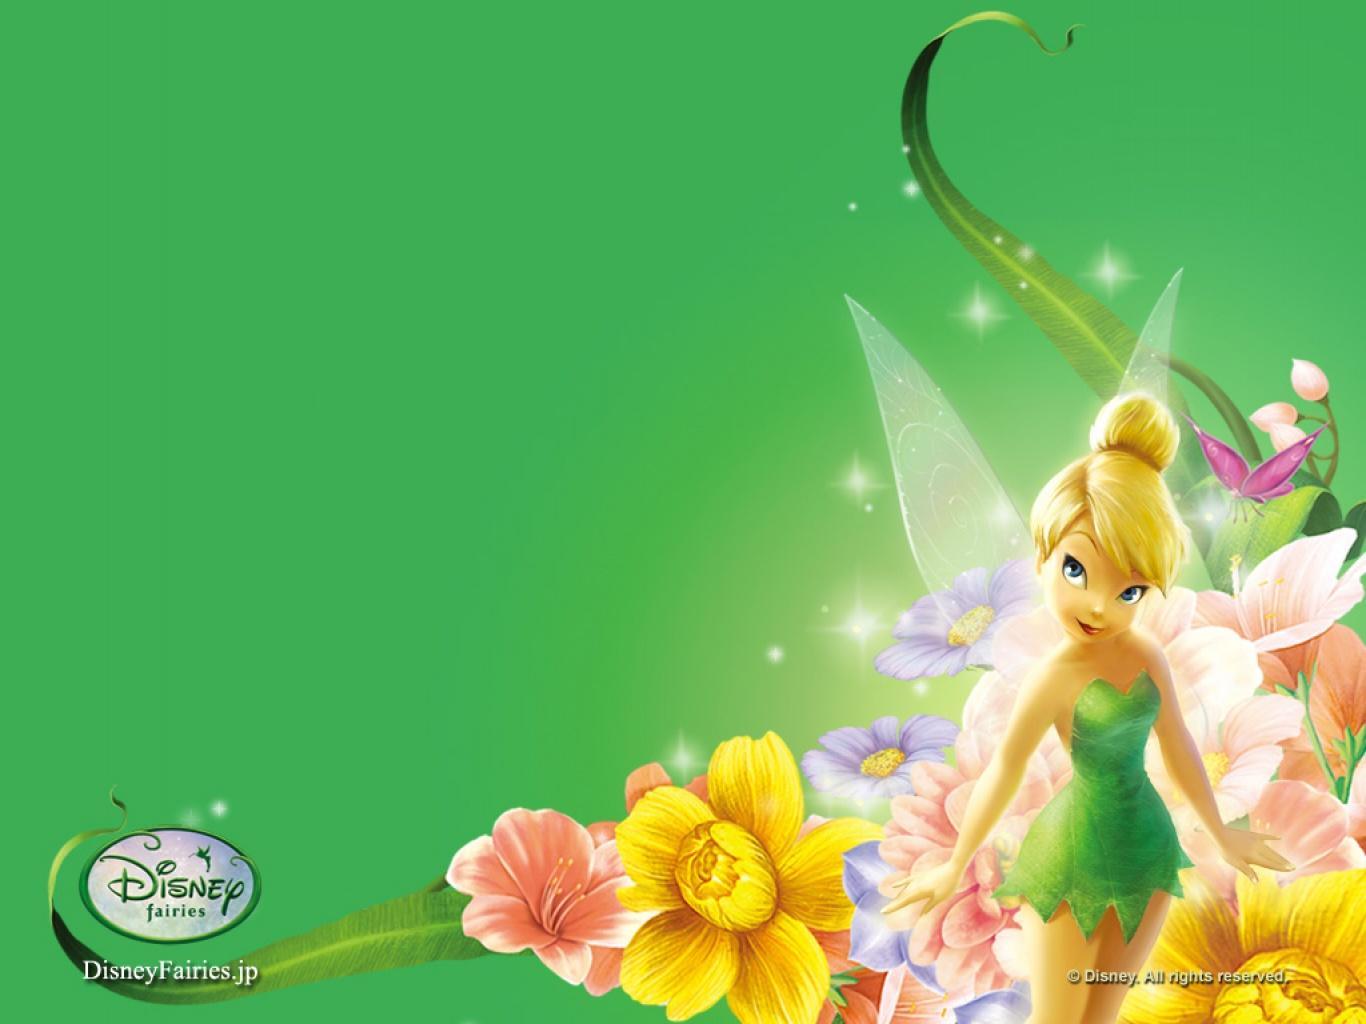 http://2.bp.blogspot.com/-LdA8Jn5mFhU/TiRj5LLIxdI/AAAAAAAAIQM/aXf_-kopsFY/s1600/campanita-.jpg